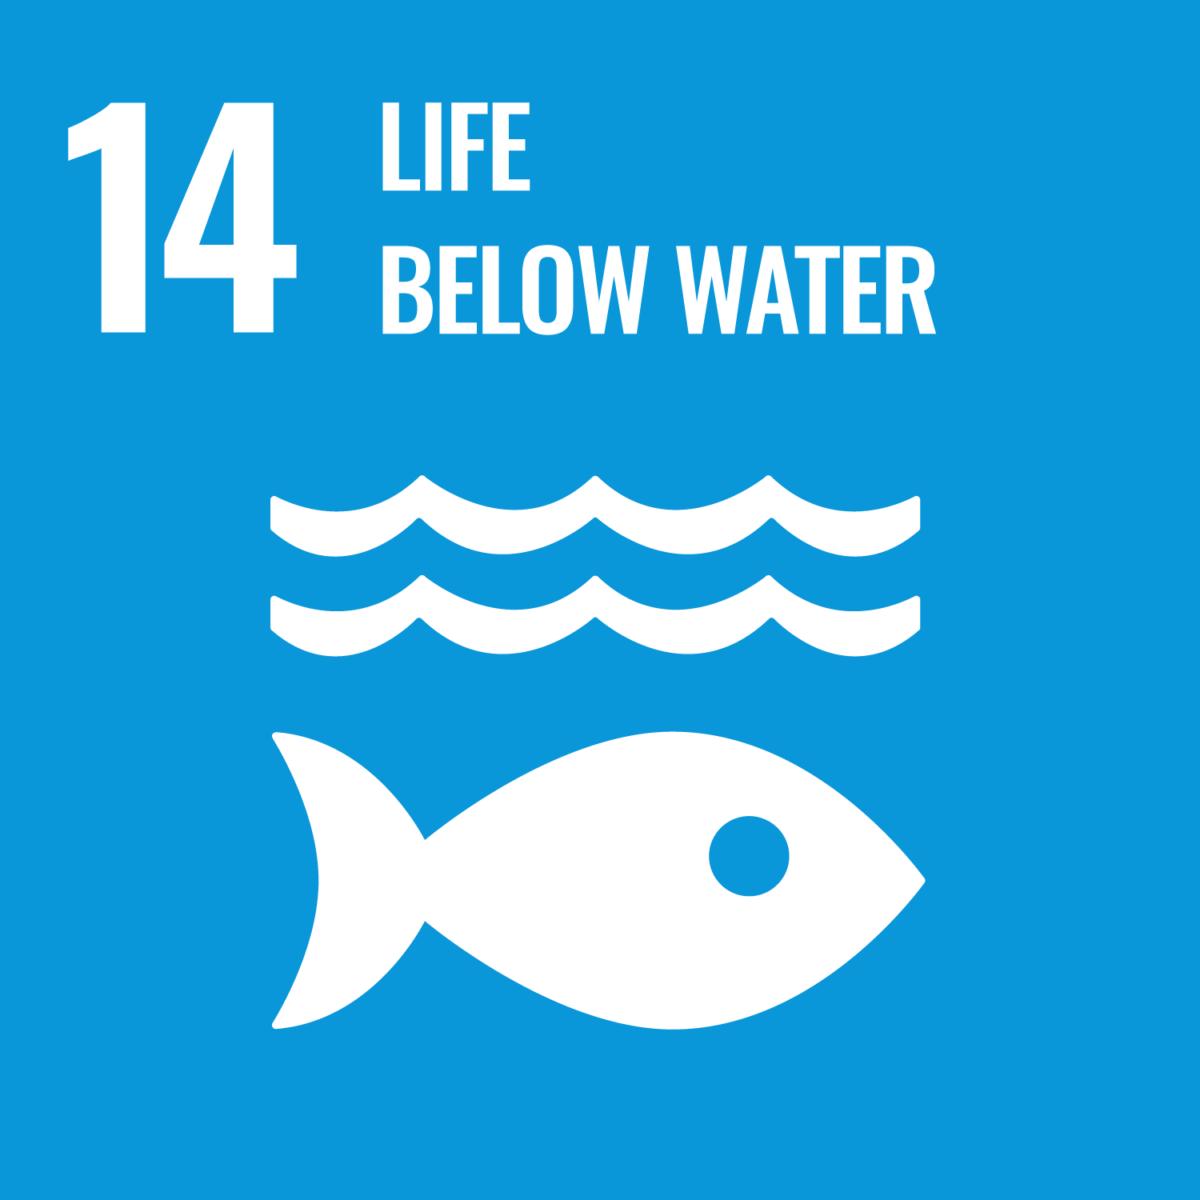 UN Sustainable Development Goal 13: Climate Change